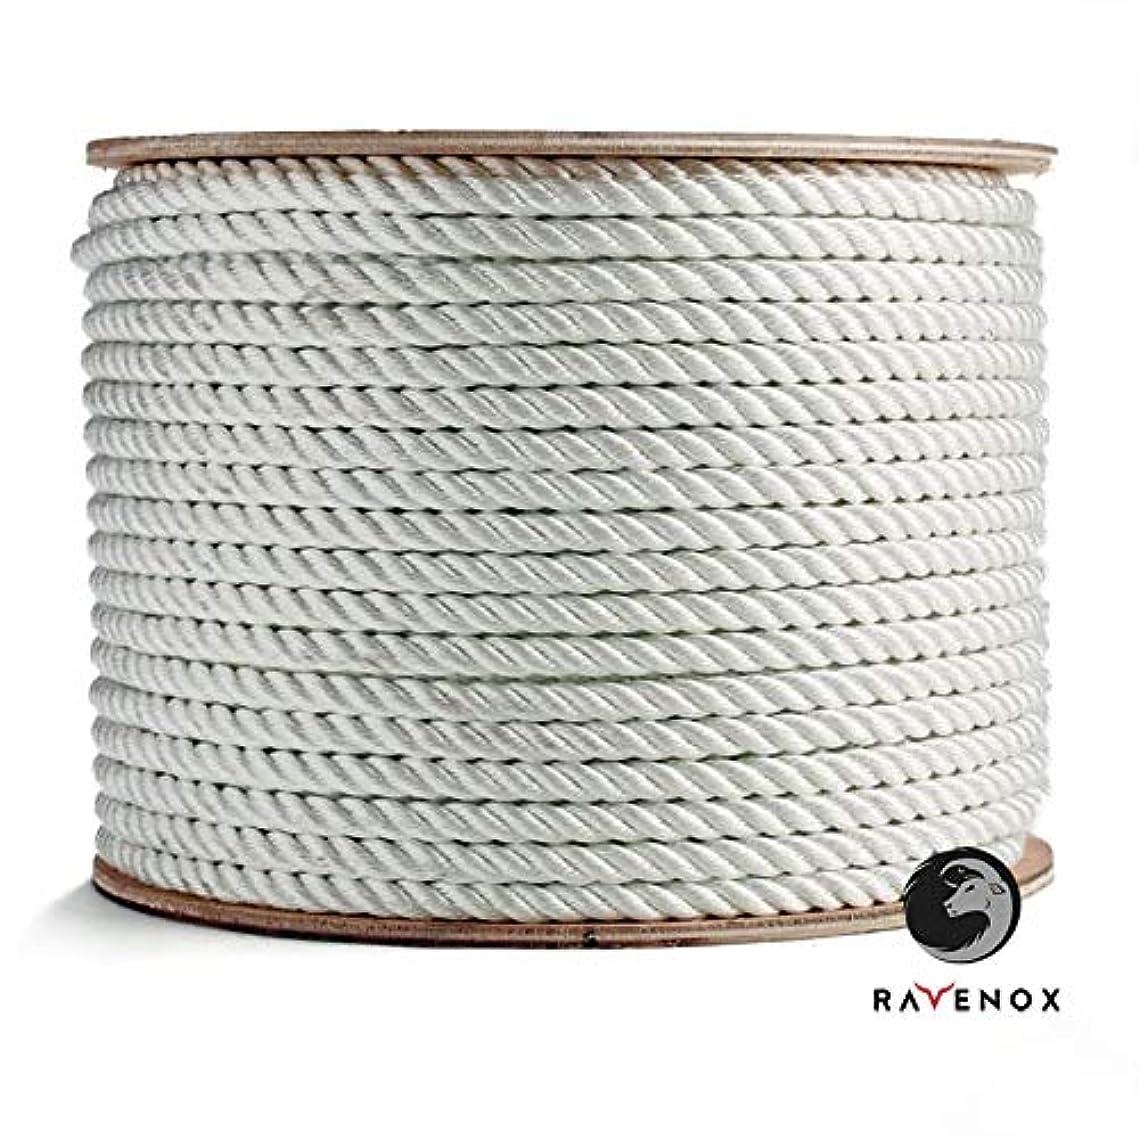 フィード意図する解放Ravenox ツイストナイロンロープ | 商用グレード | すべてのリフティング、引き抜き、リギング、牽引、固定、タイダウンのニーズに | 足と直径により | ミディアムストレッチ&耐薬品性